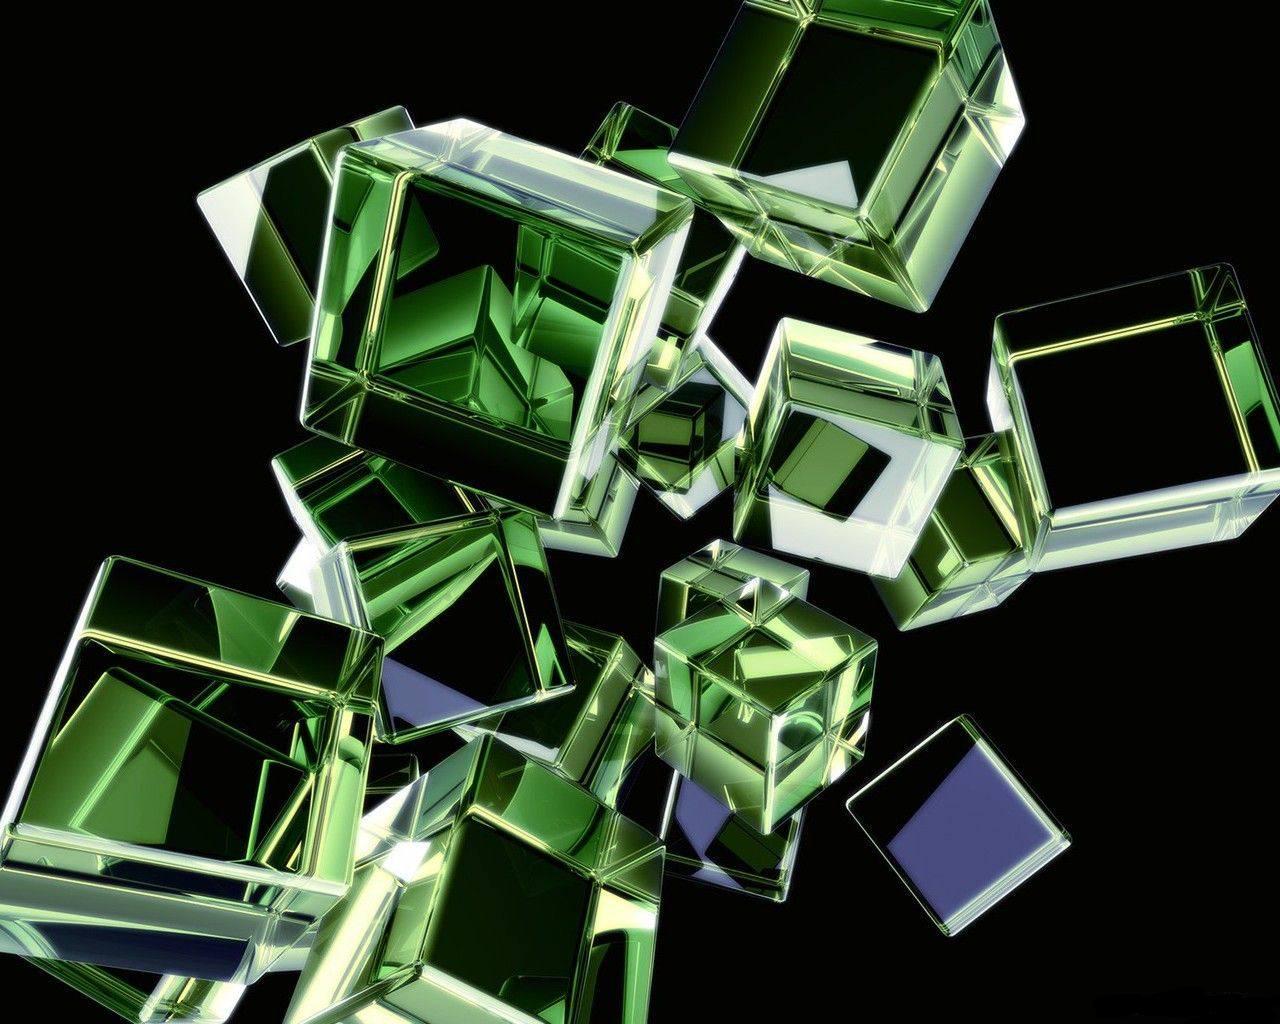 Куб от фирмы cyclone boys очень напоминает dayan 5 color тем, что состоит из разноцветного пластика